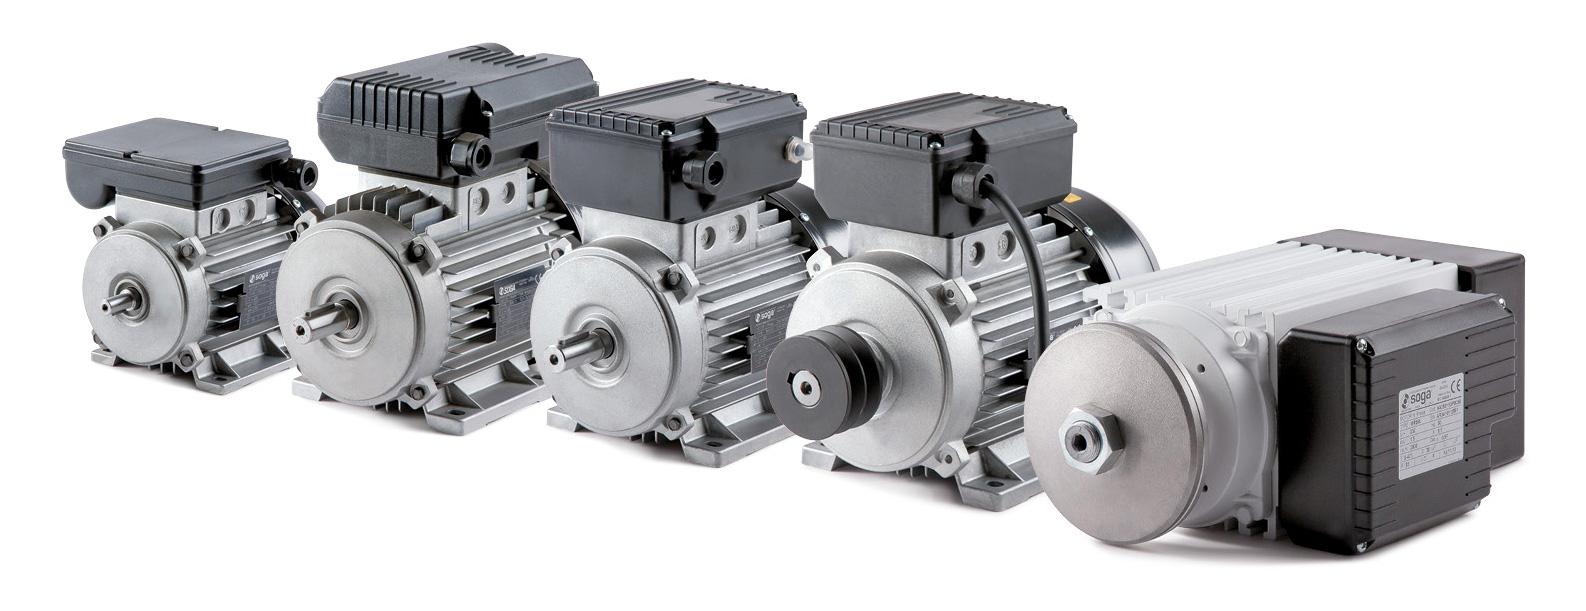 Motori elettrici monofase una questione di scelta for Motori elettrici per macchine da cucire